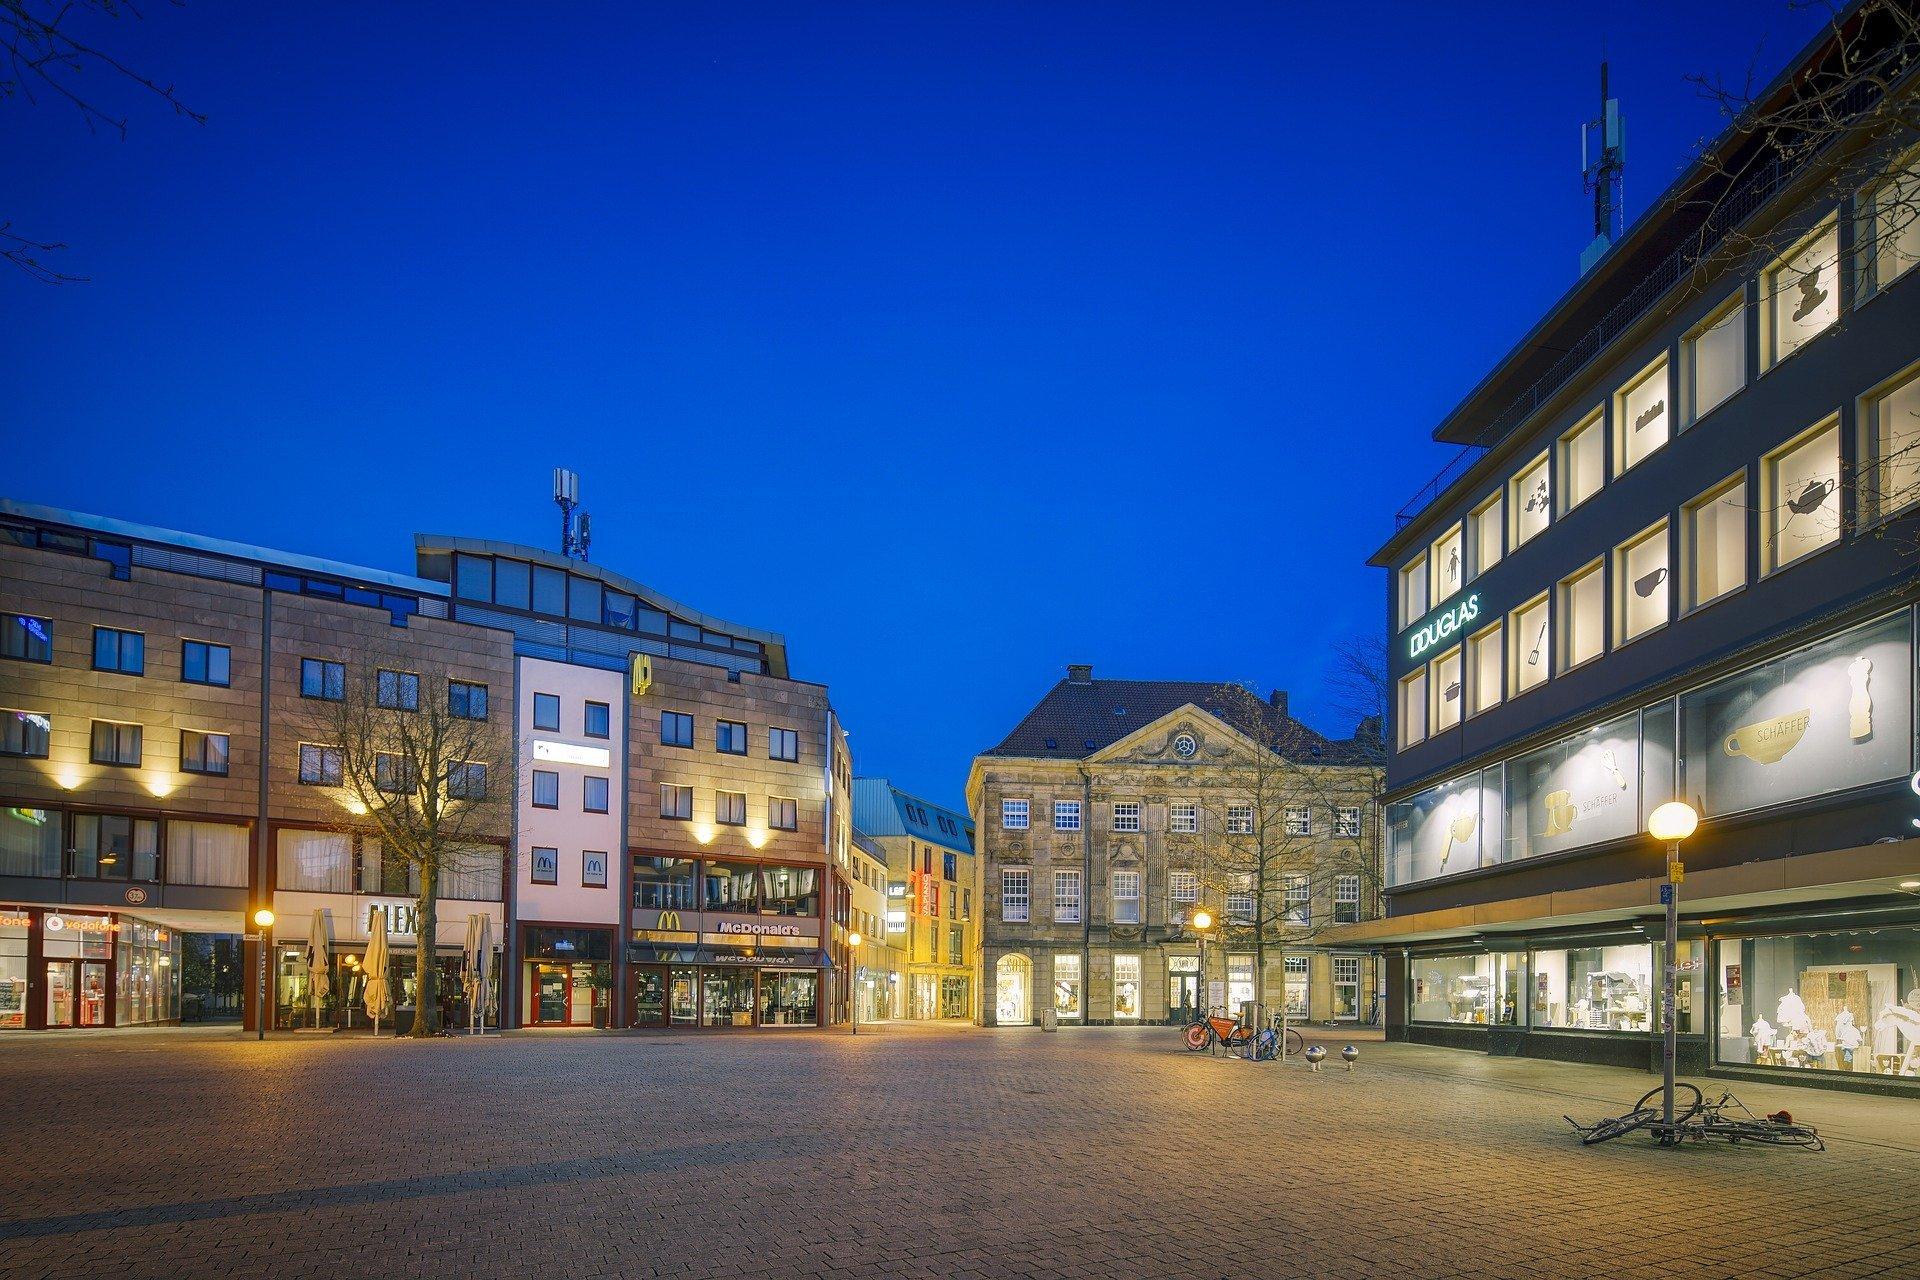 Altstadt von Osnabrück bei Nacht